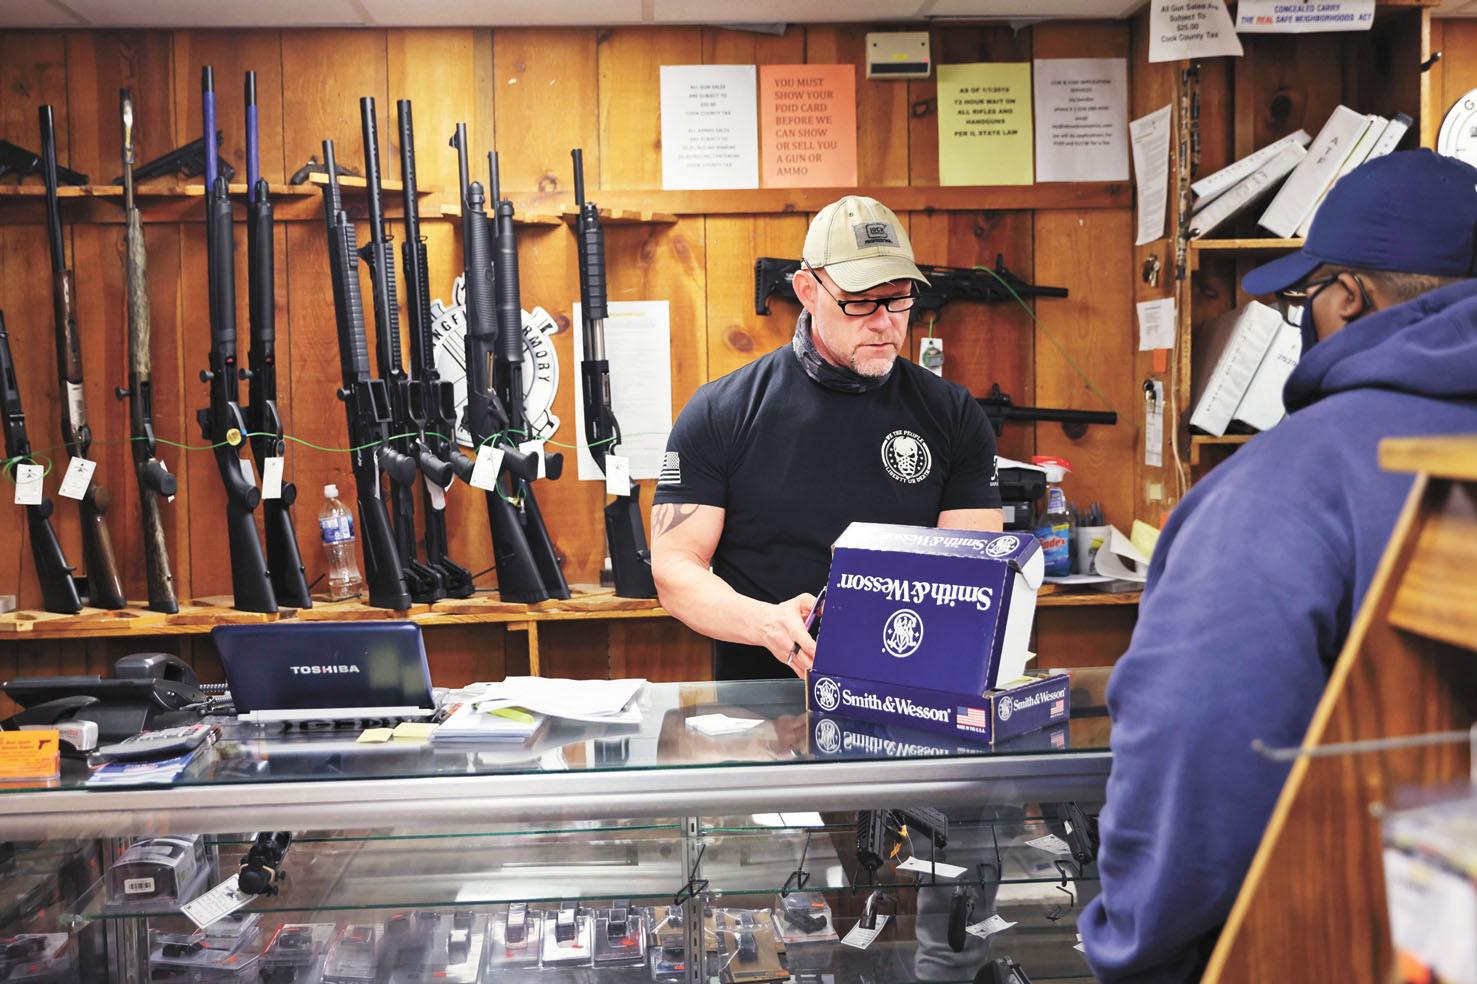 美國總統拜登8日採取上任以來的首個控槍行動,一口氣簽署共6個行政令,旨在解決槍械暴力在全國氾濫問題。法新社